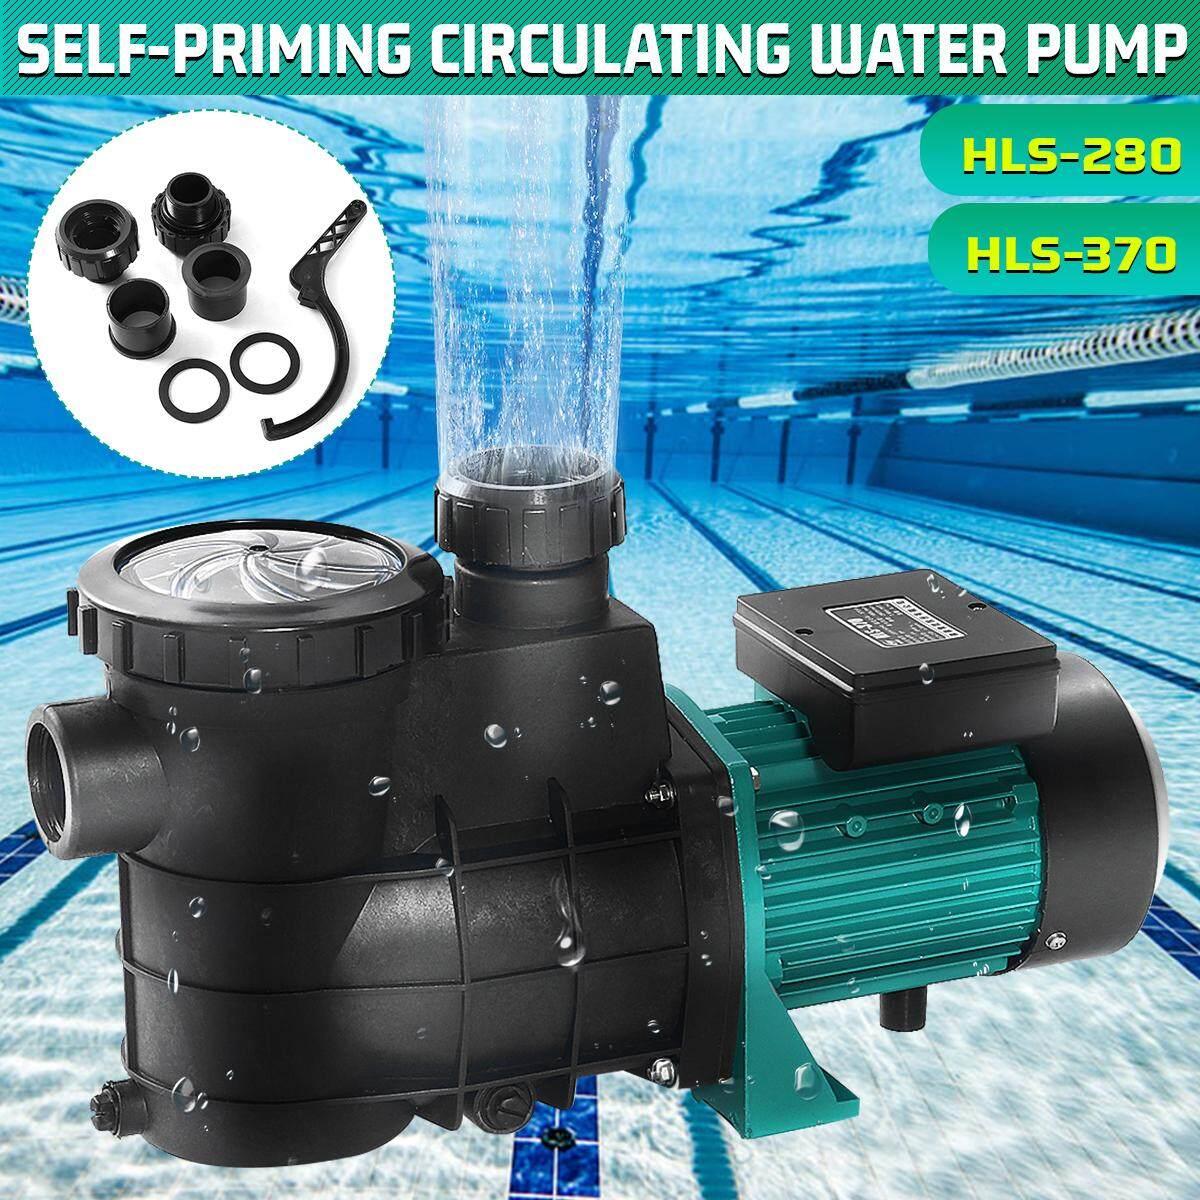 220V Plastic Swimming Pool Filter Pump Booster Self-priming Circulating Water